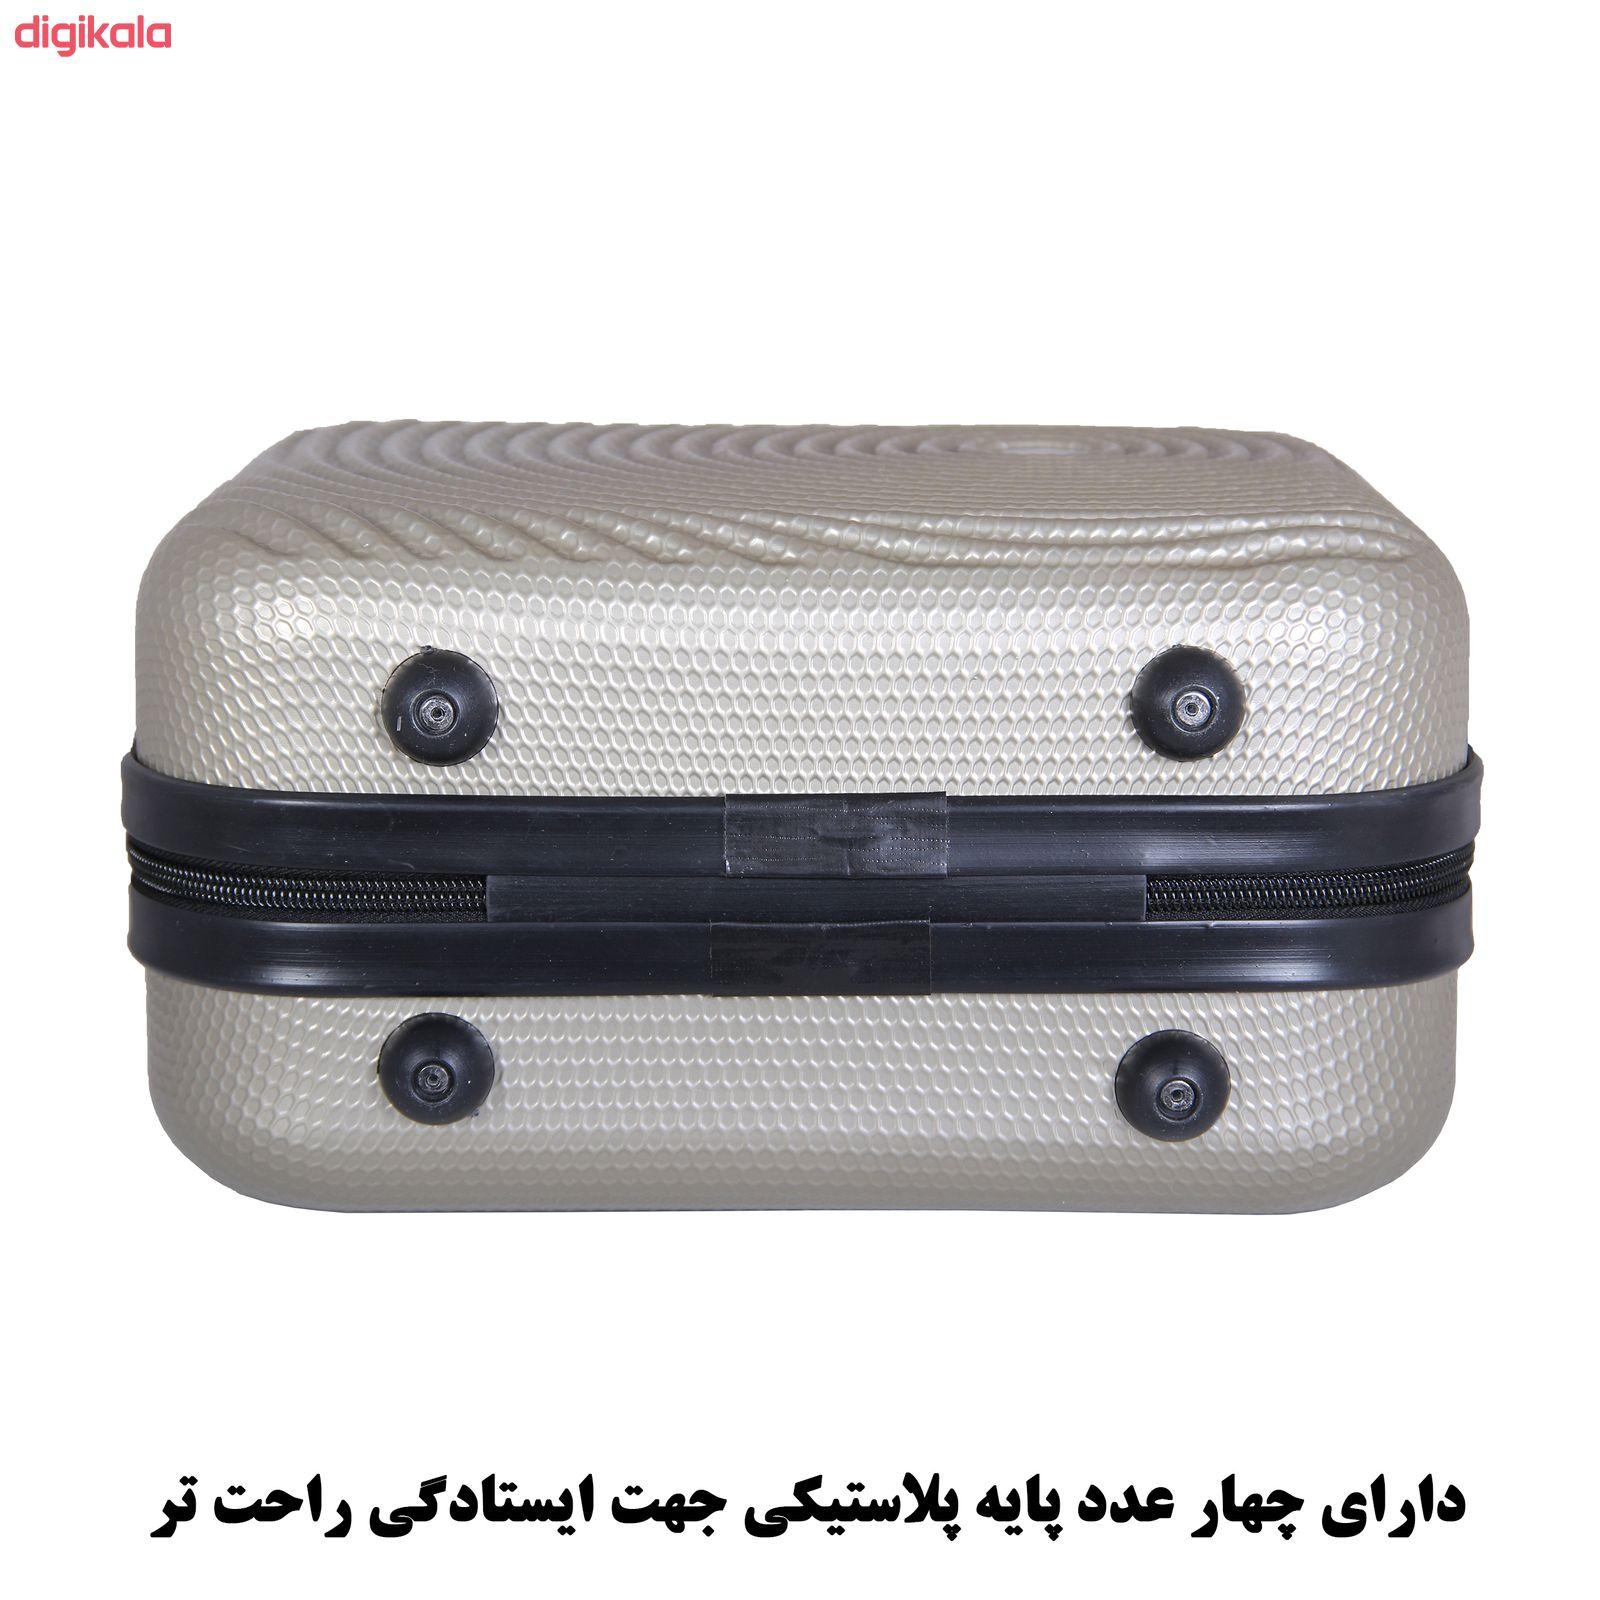 مجموعه چهار عددی چمدان اسپرت من مدل NS001 main 1 52